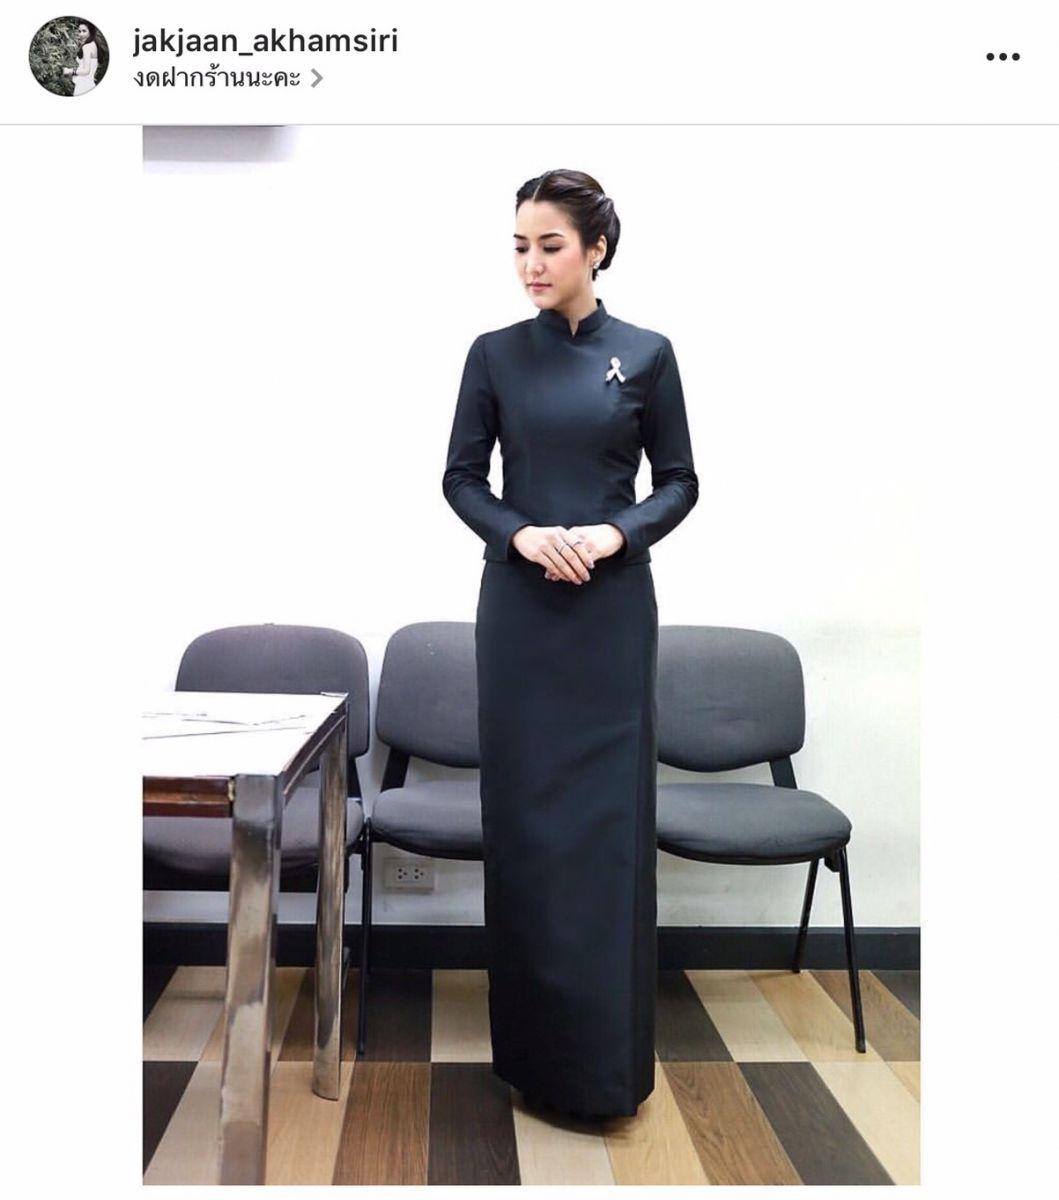 คนบันเทิง สวมชุดดำ เรียบร้อย งดงาม สักการะ พระบรมศพ ถวายอาลัย สวรรคาลัย